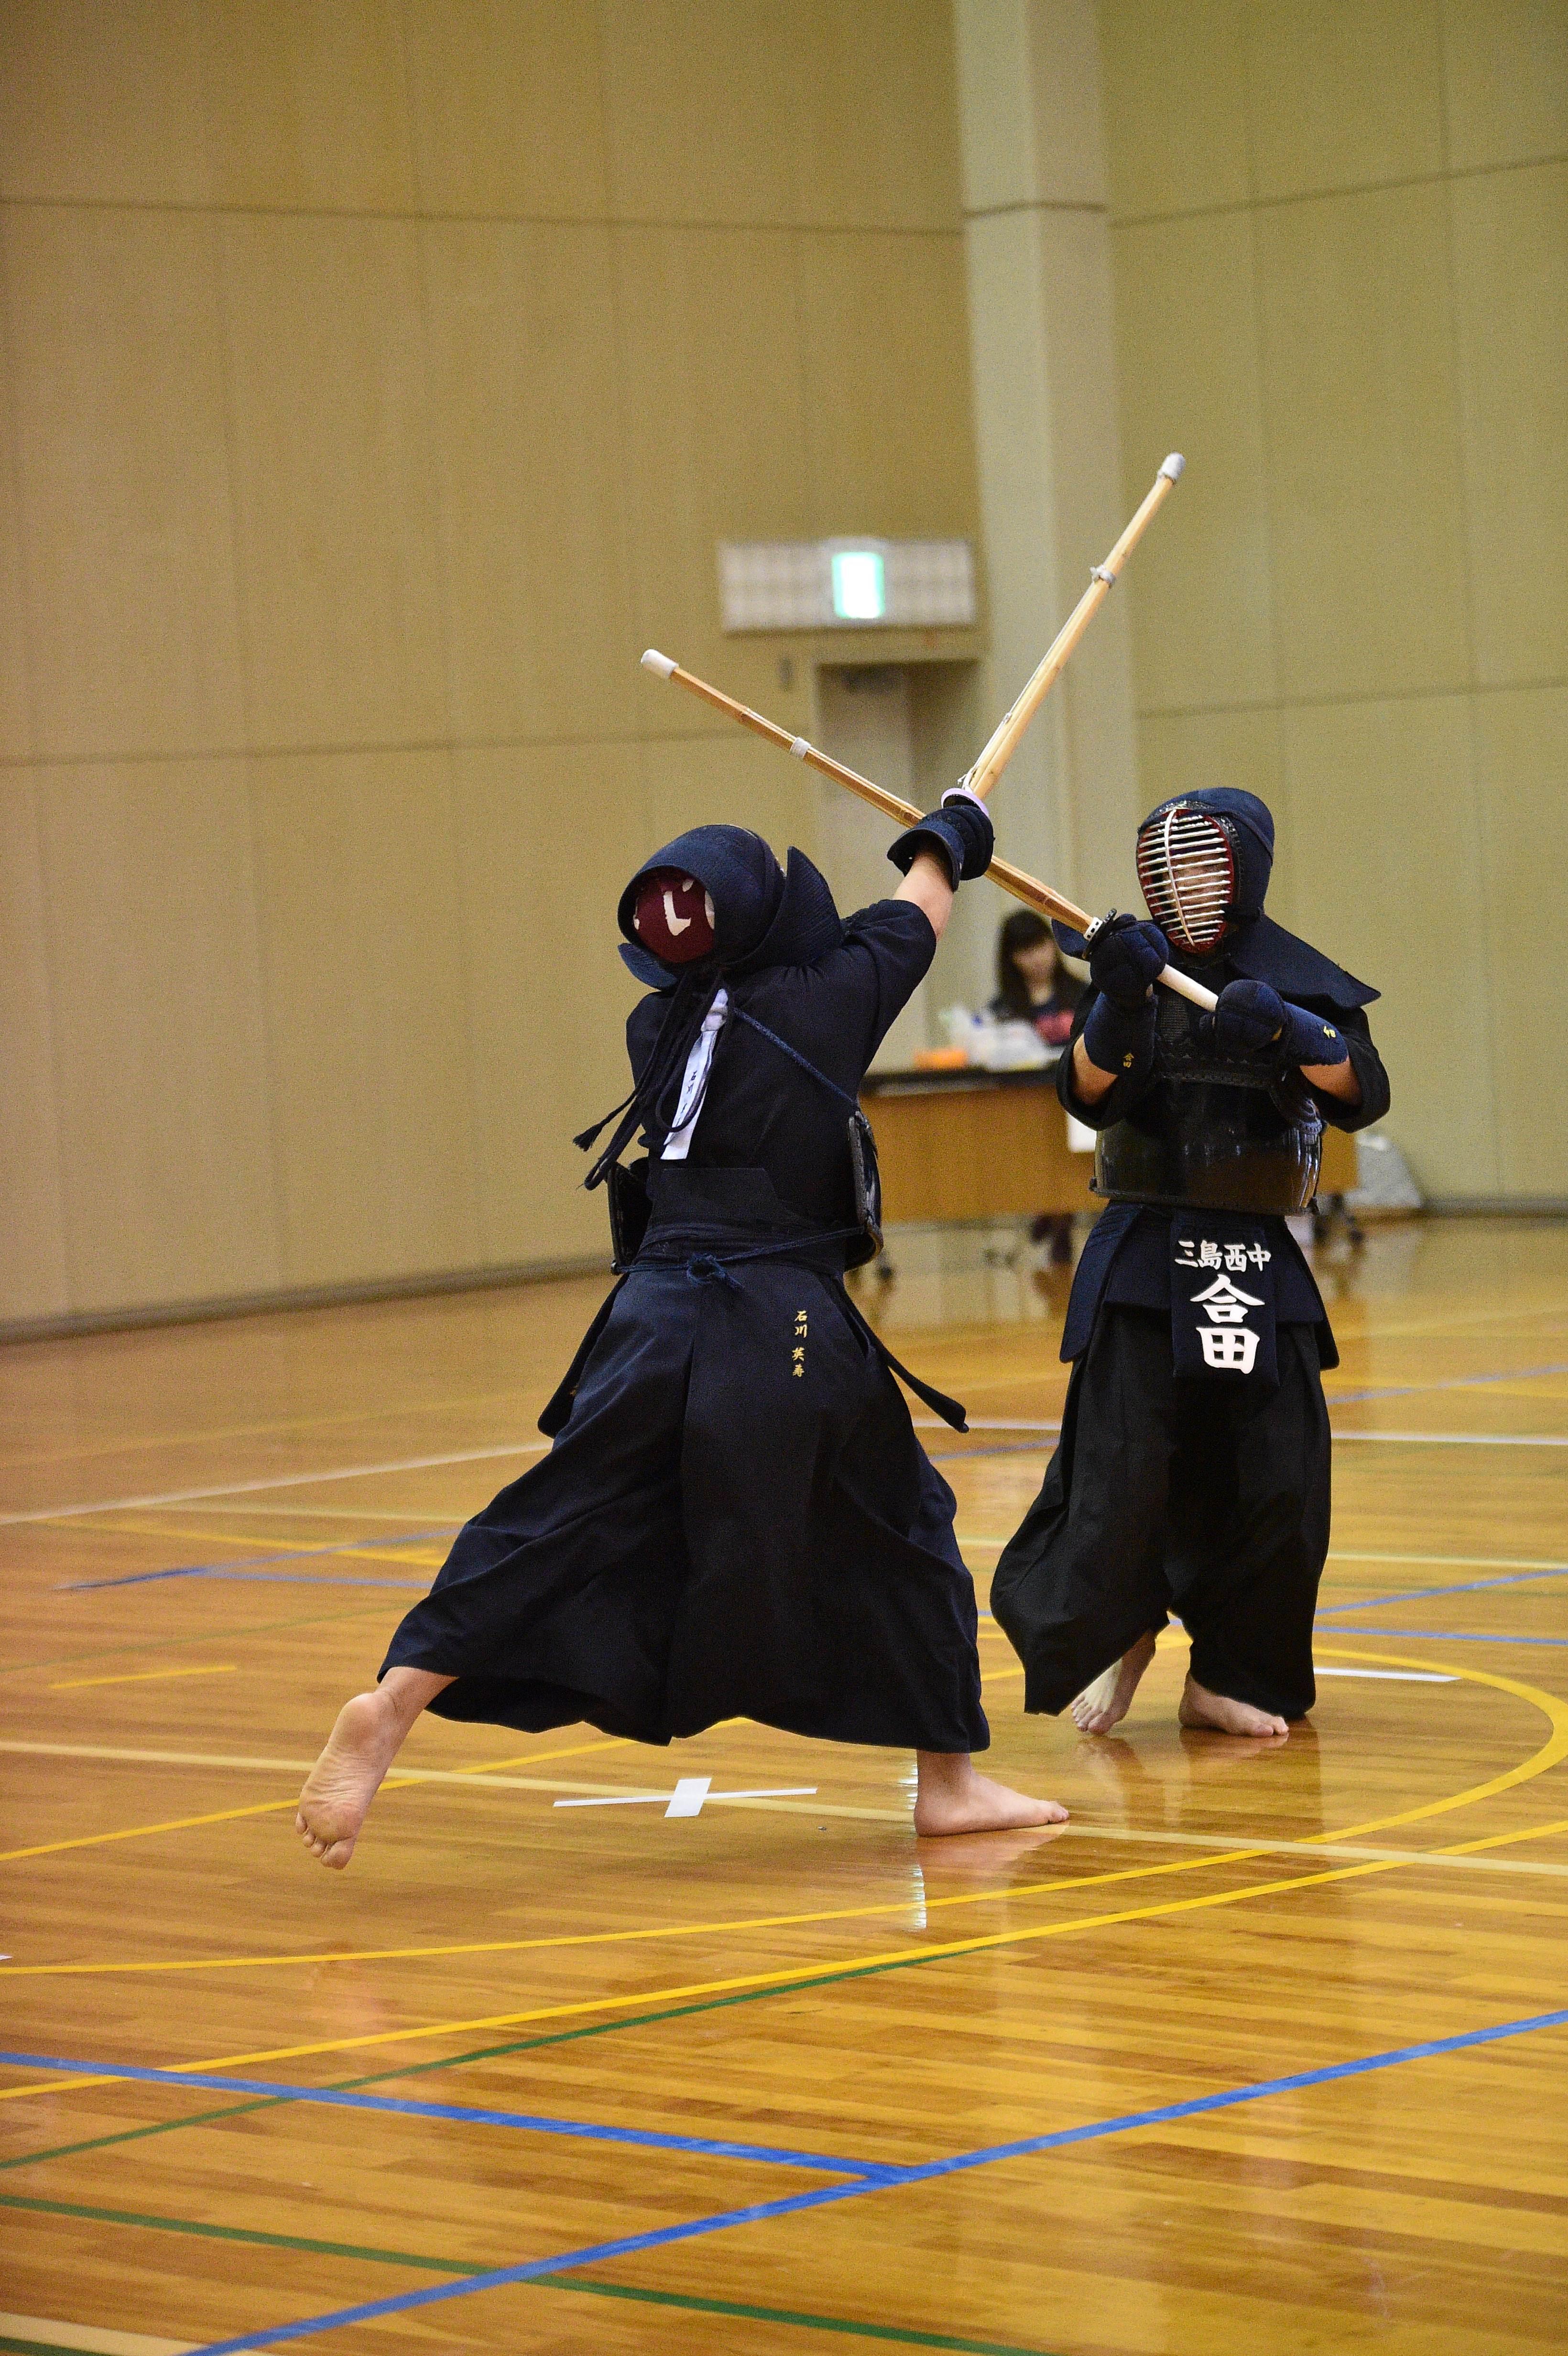 剣道 (10)